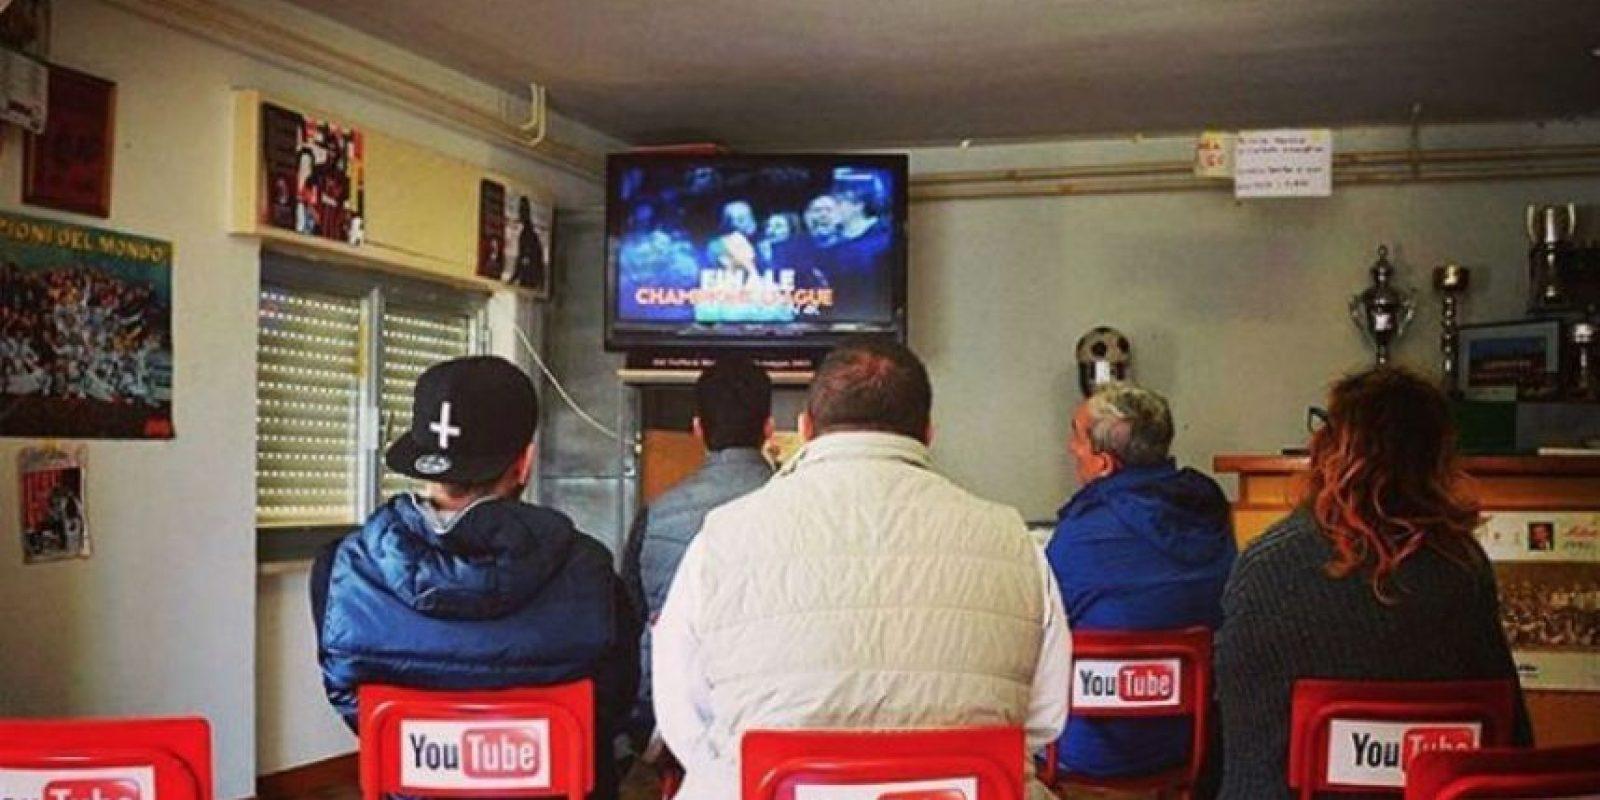 Ver la televisión en lugar de YouTube. Foto:instagram.com/biancoshock/